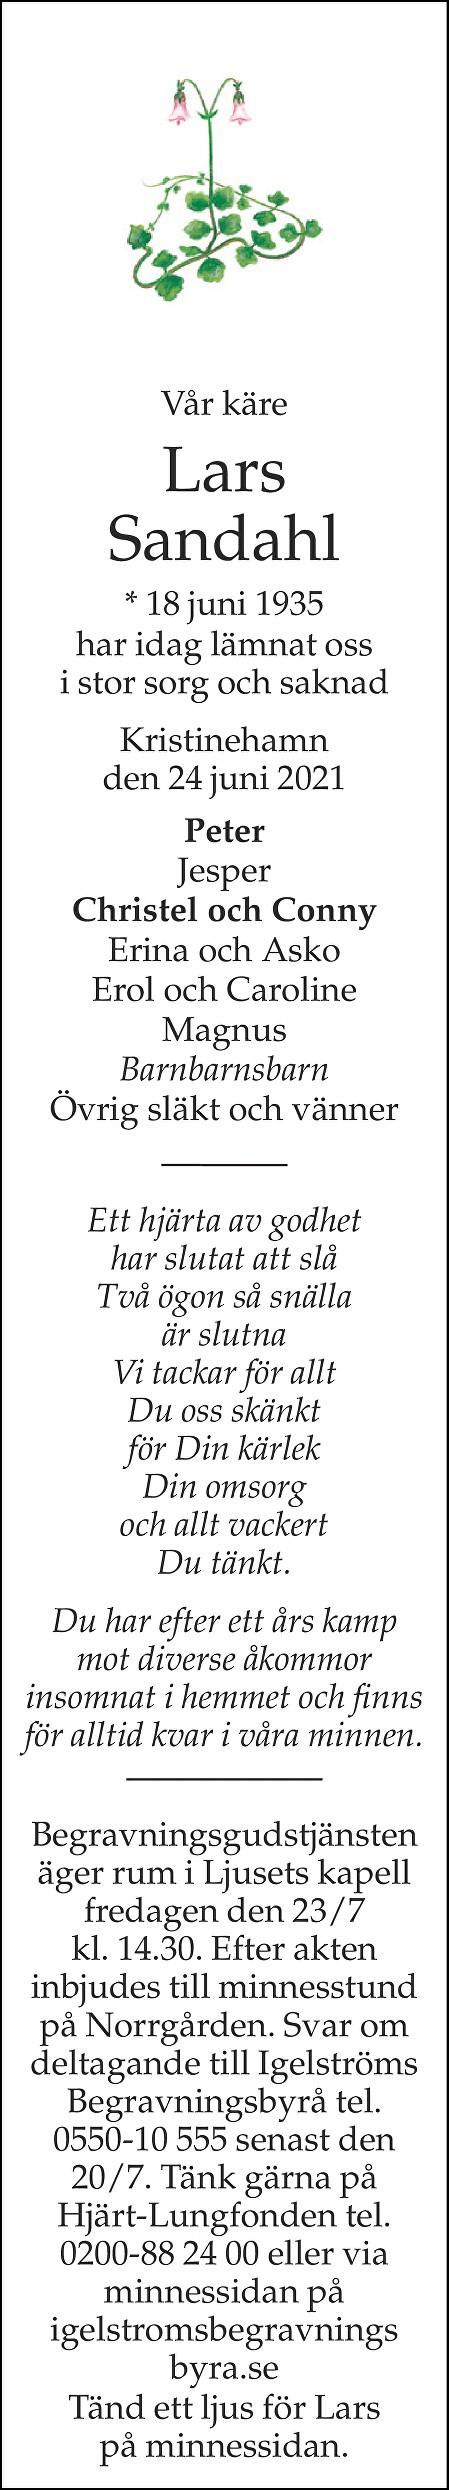 Lars Sandahl Death notice